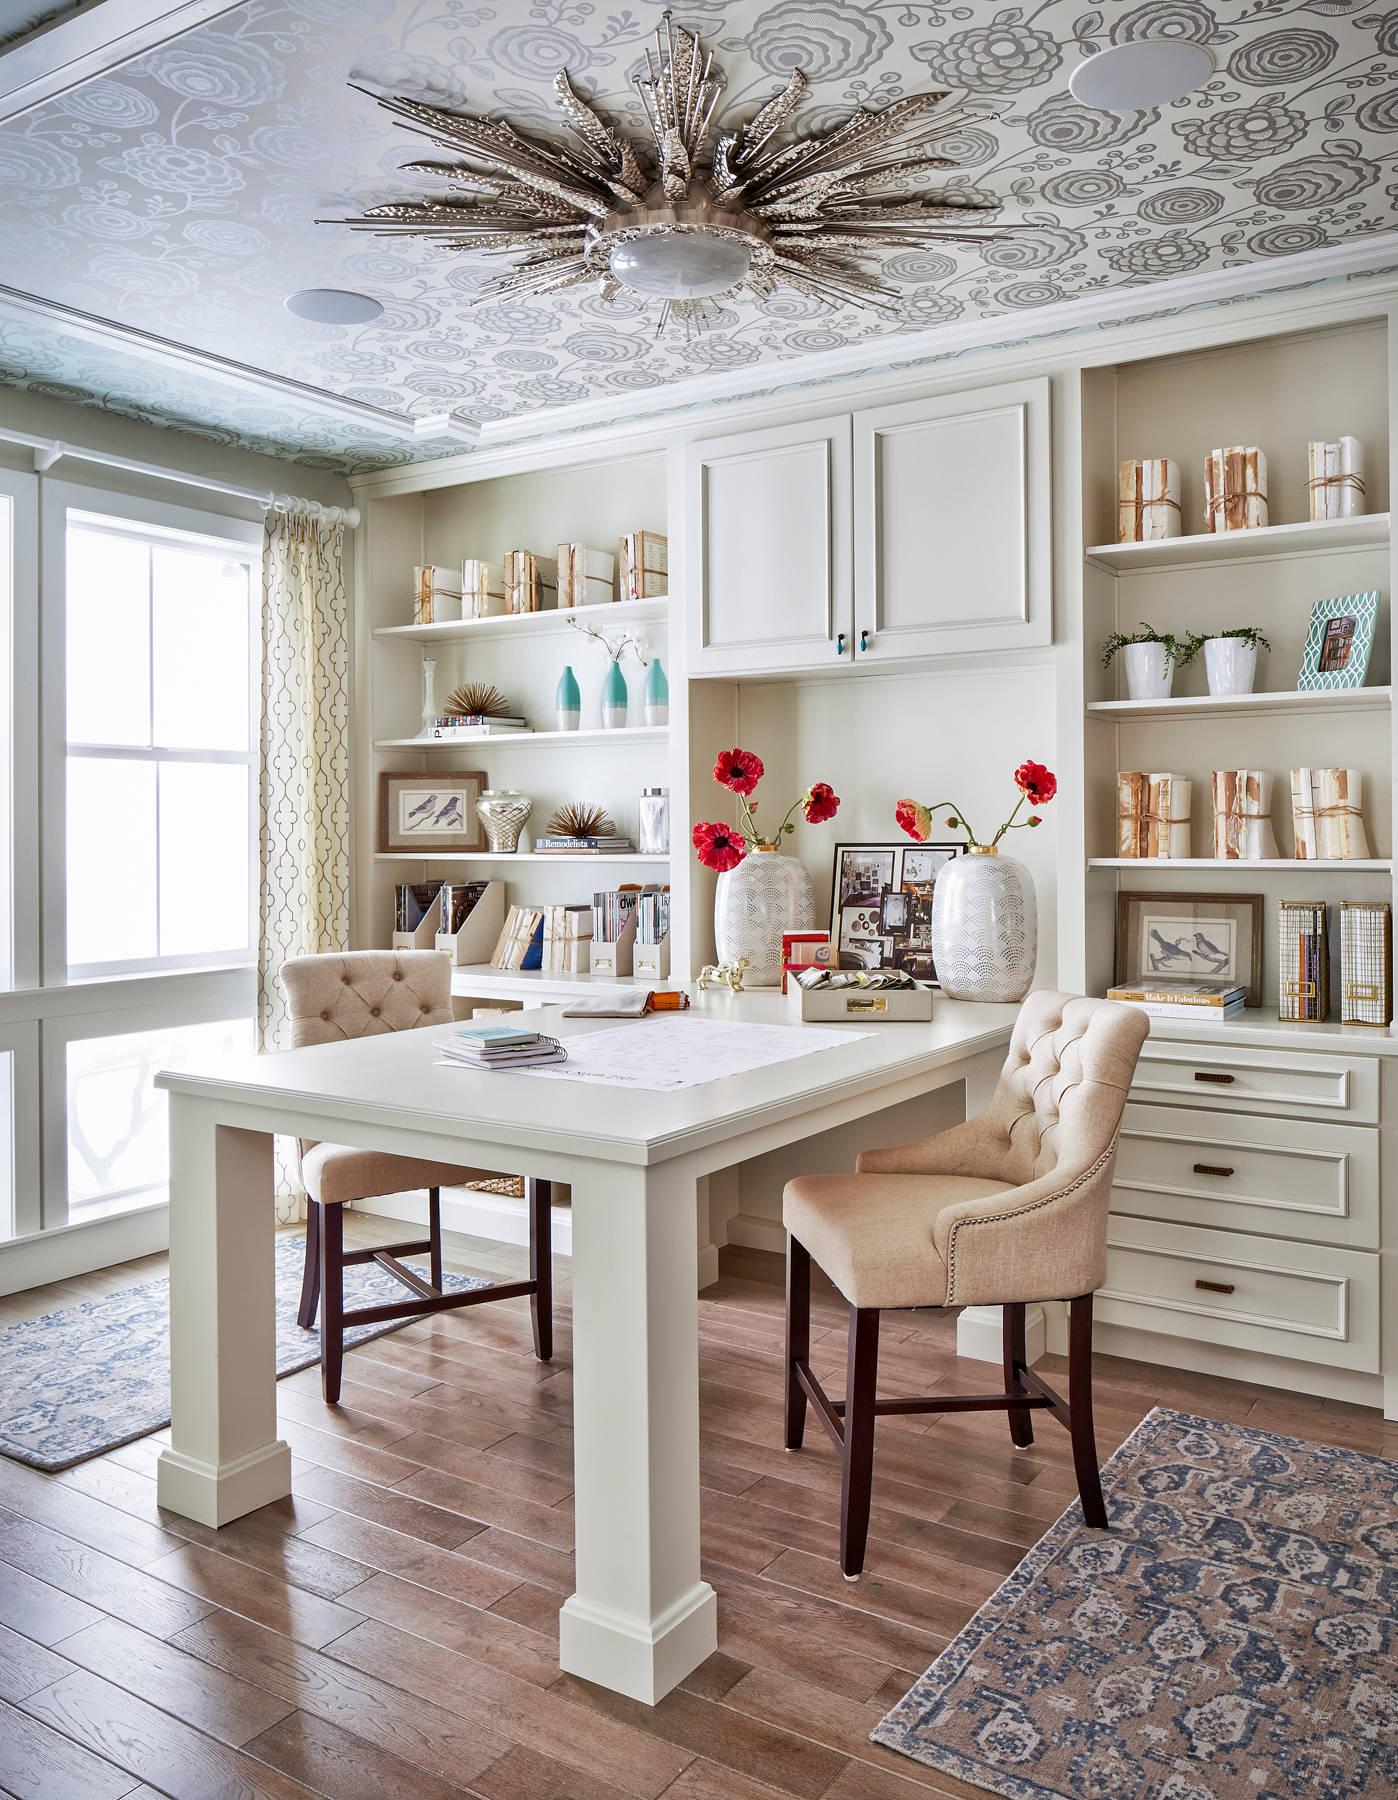 32 X 32 Home Office Ideas & Photos   Houzz